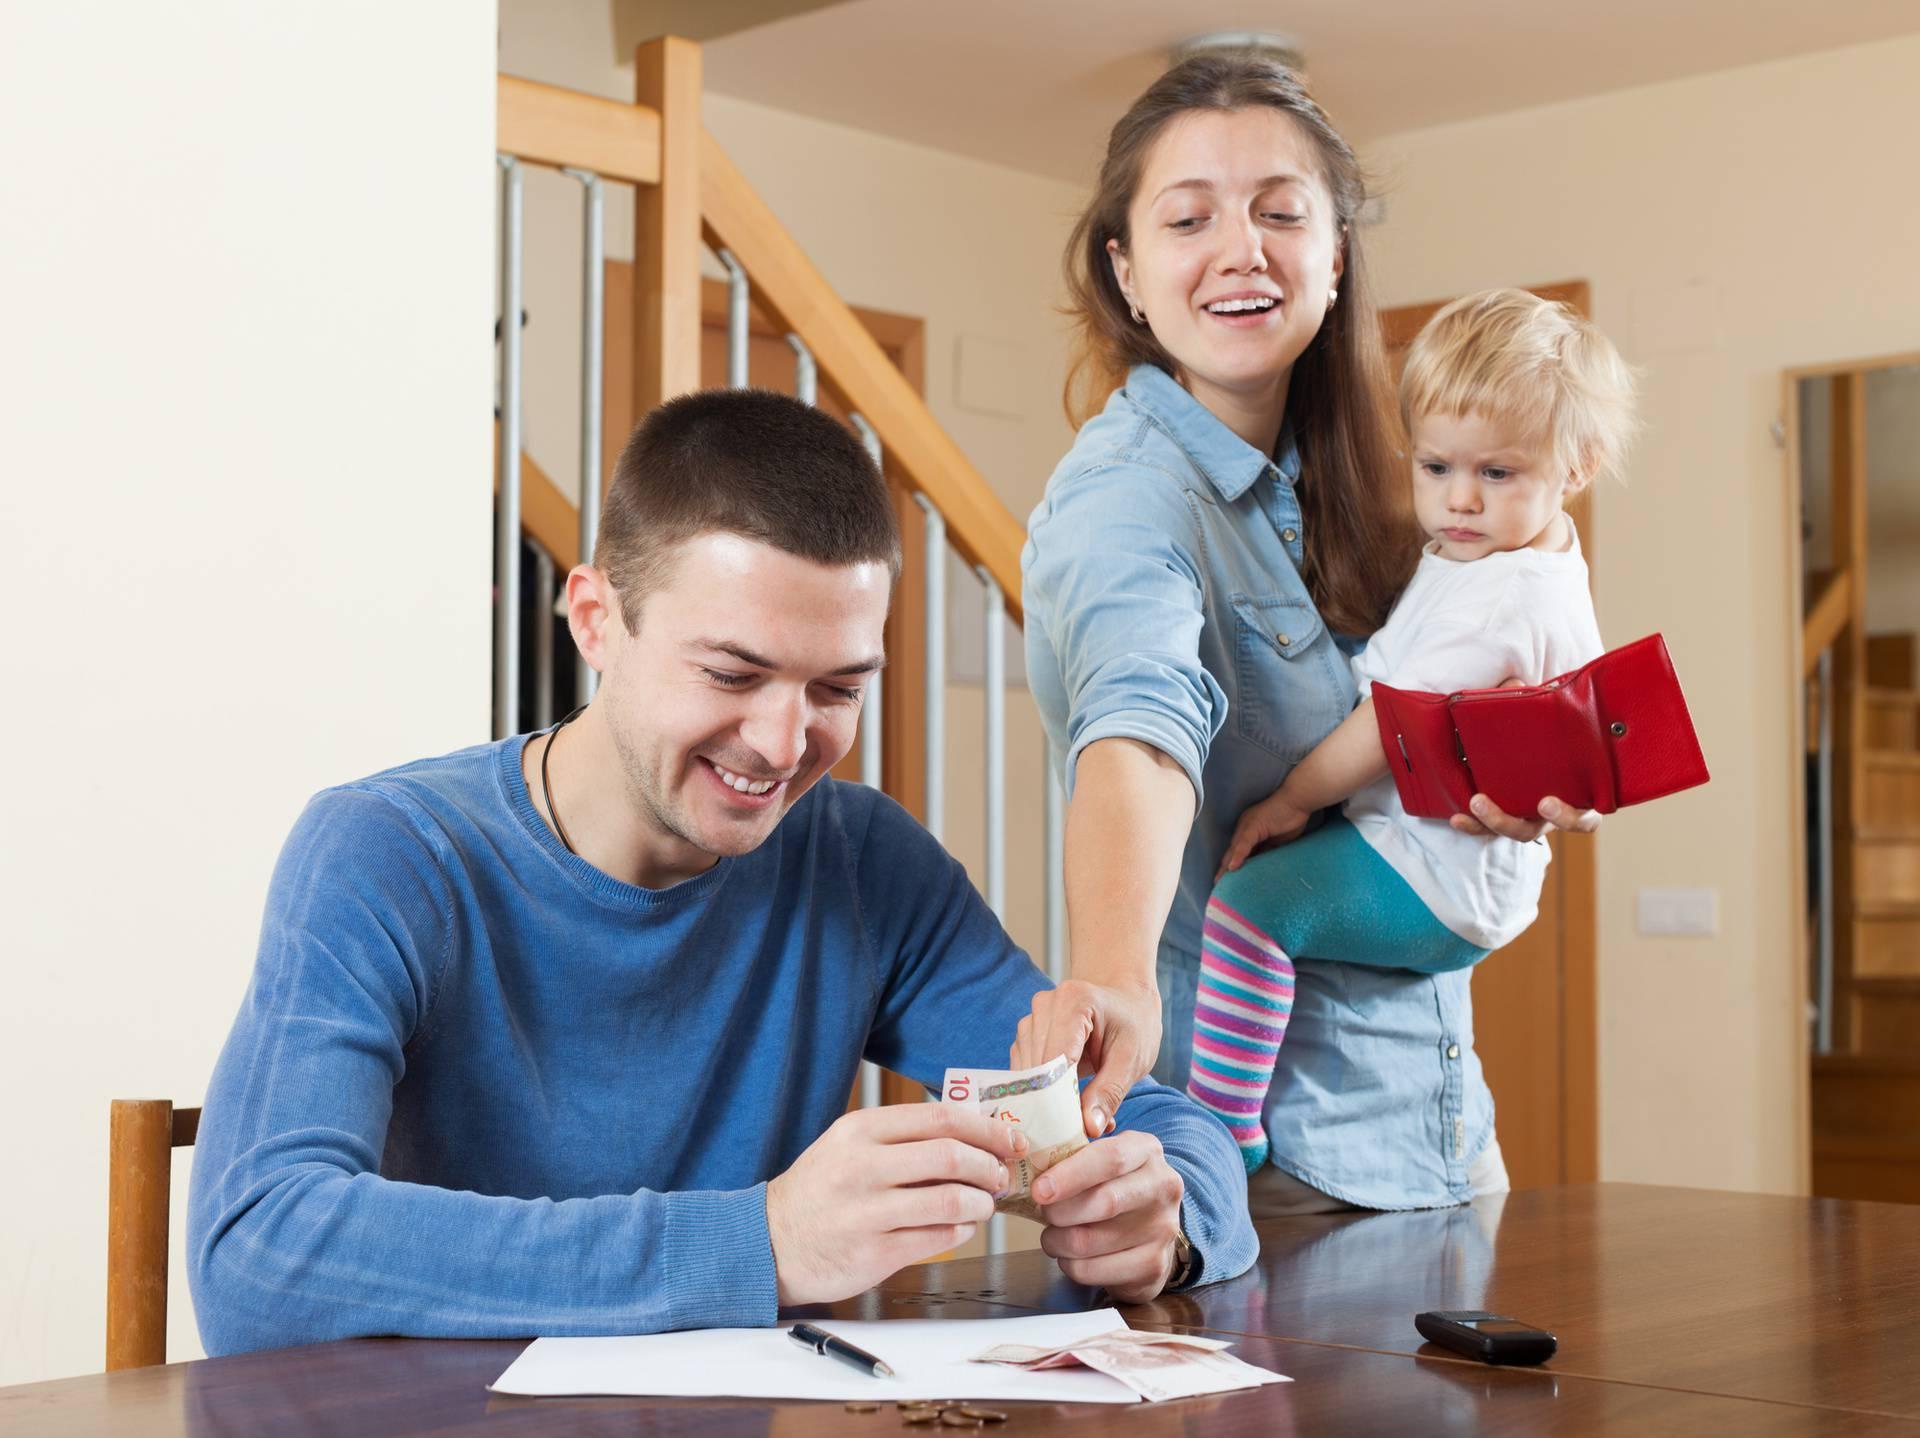 'Muž mi mjesečno daje 'plaću za majčinstvo' od 8000 kuna, ali htjela bih i sama nešto zaraditi'